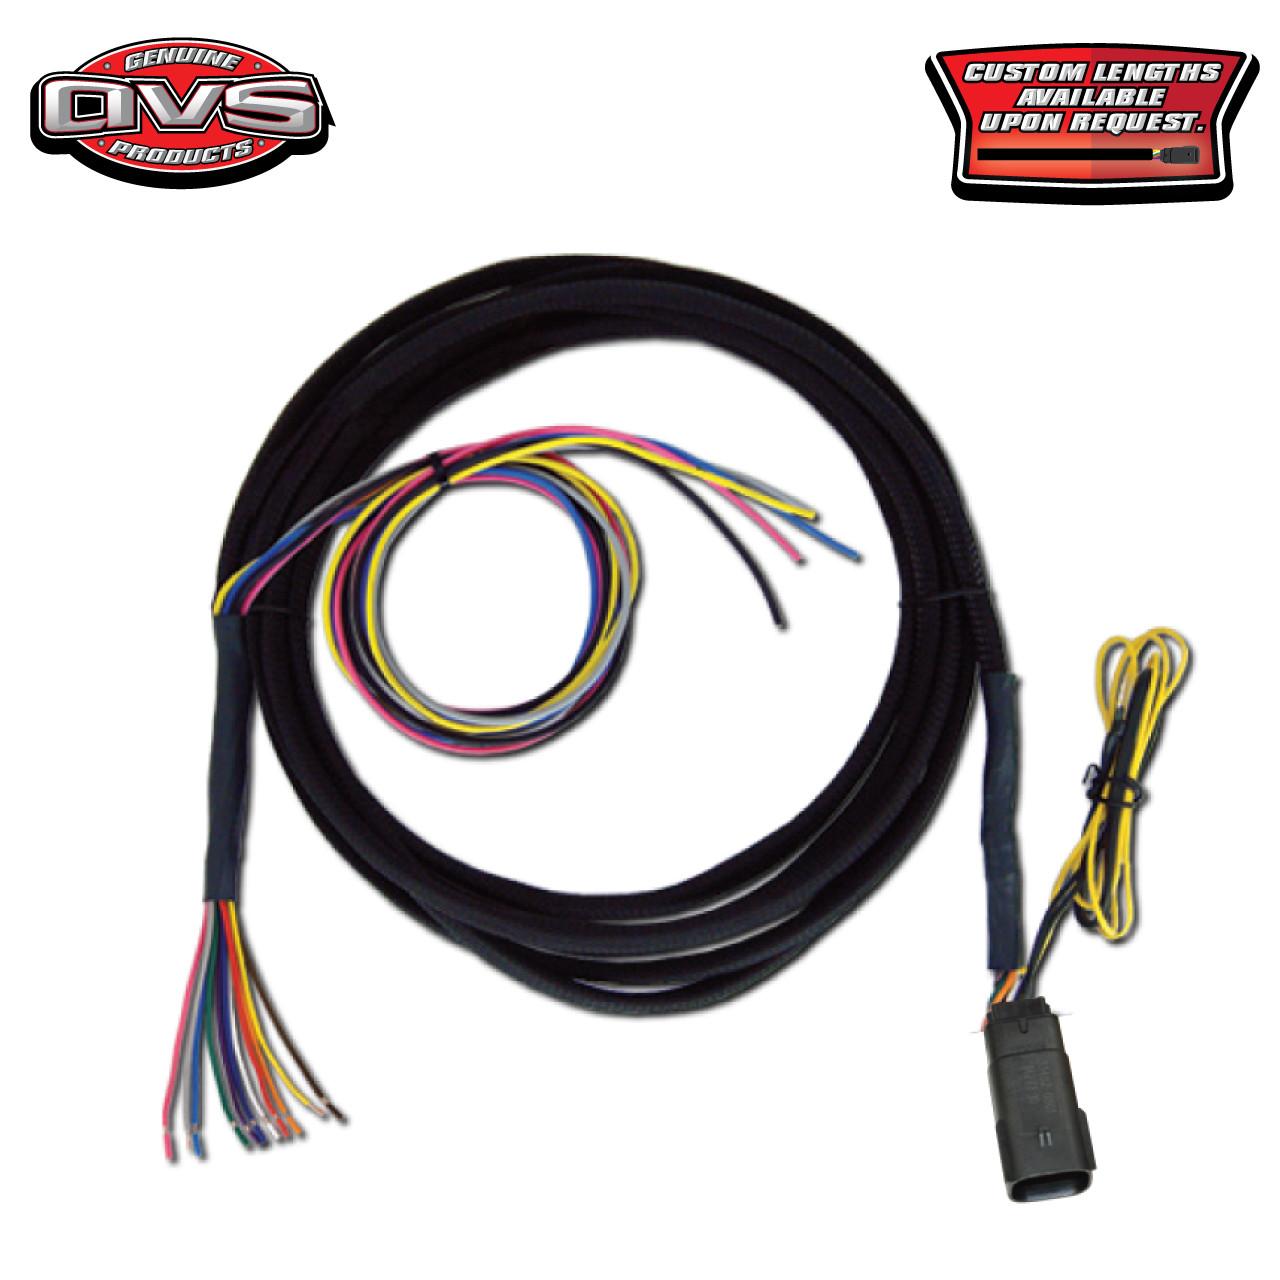 medium resolution of avs valve wiring harness 10 15 20 accuair vx4 valve